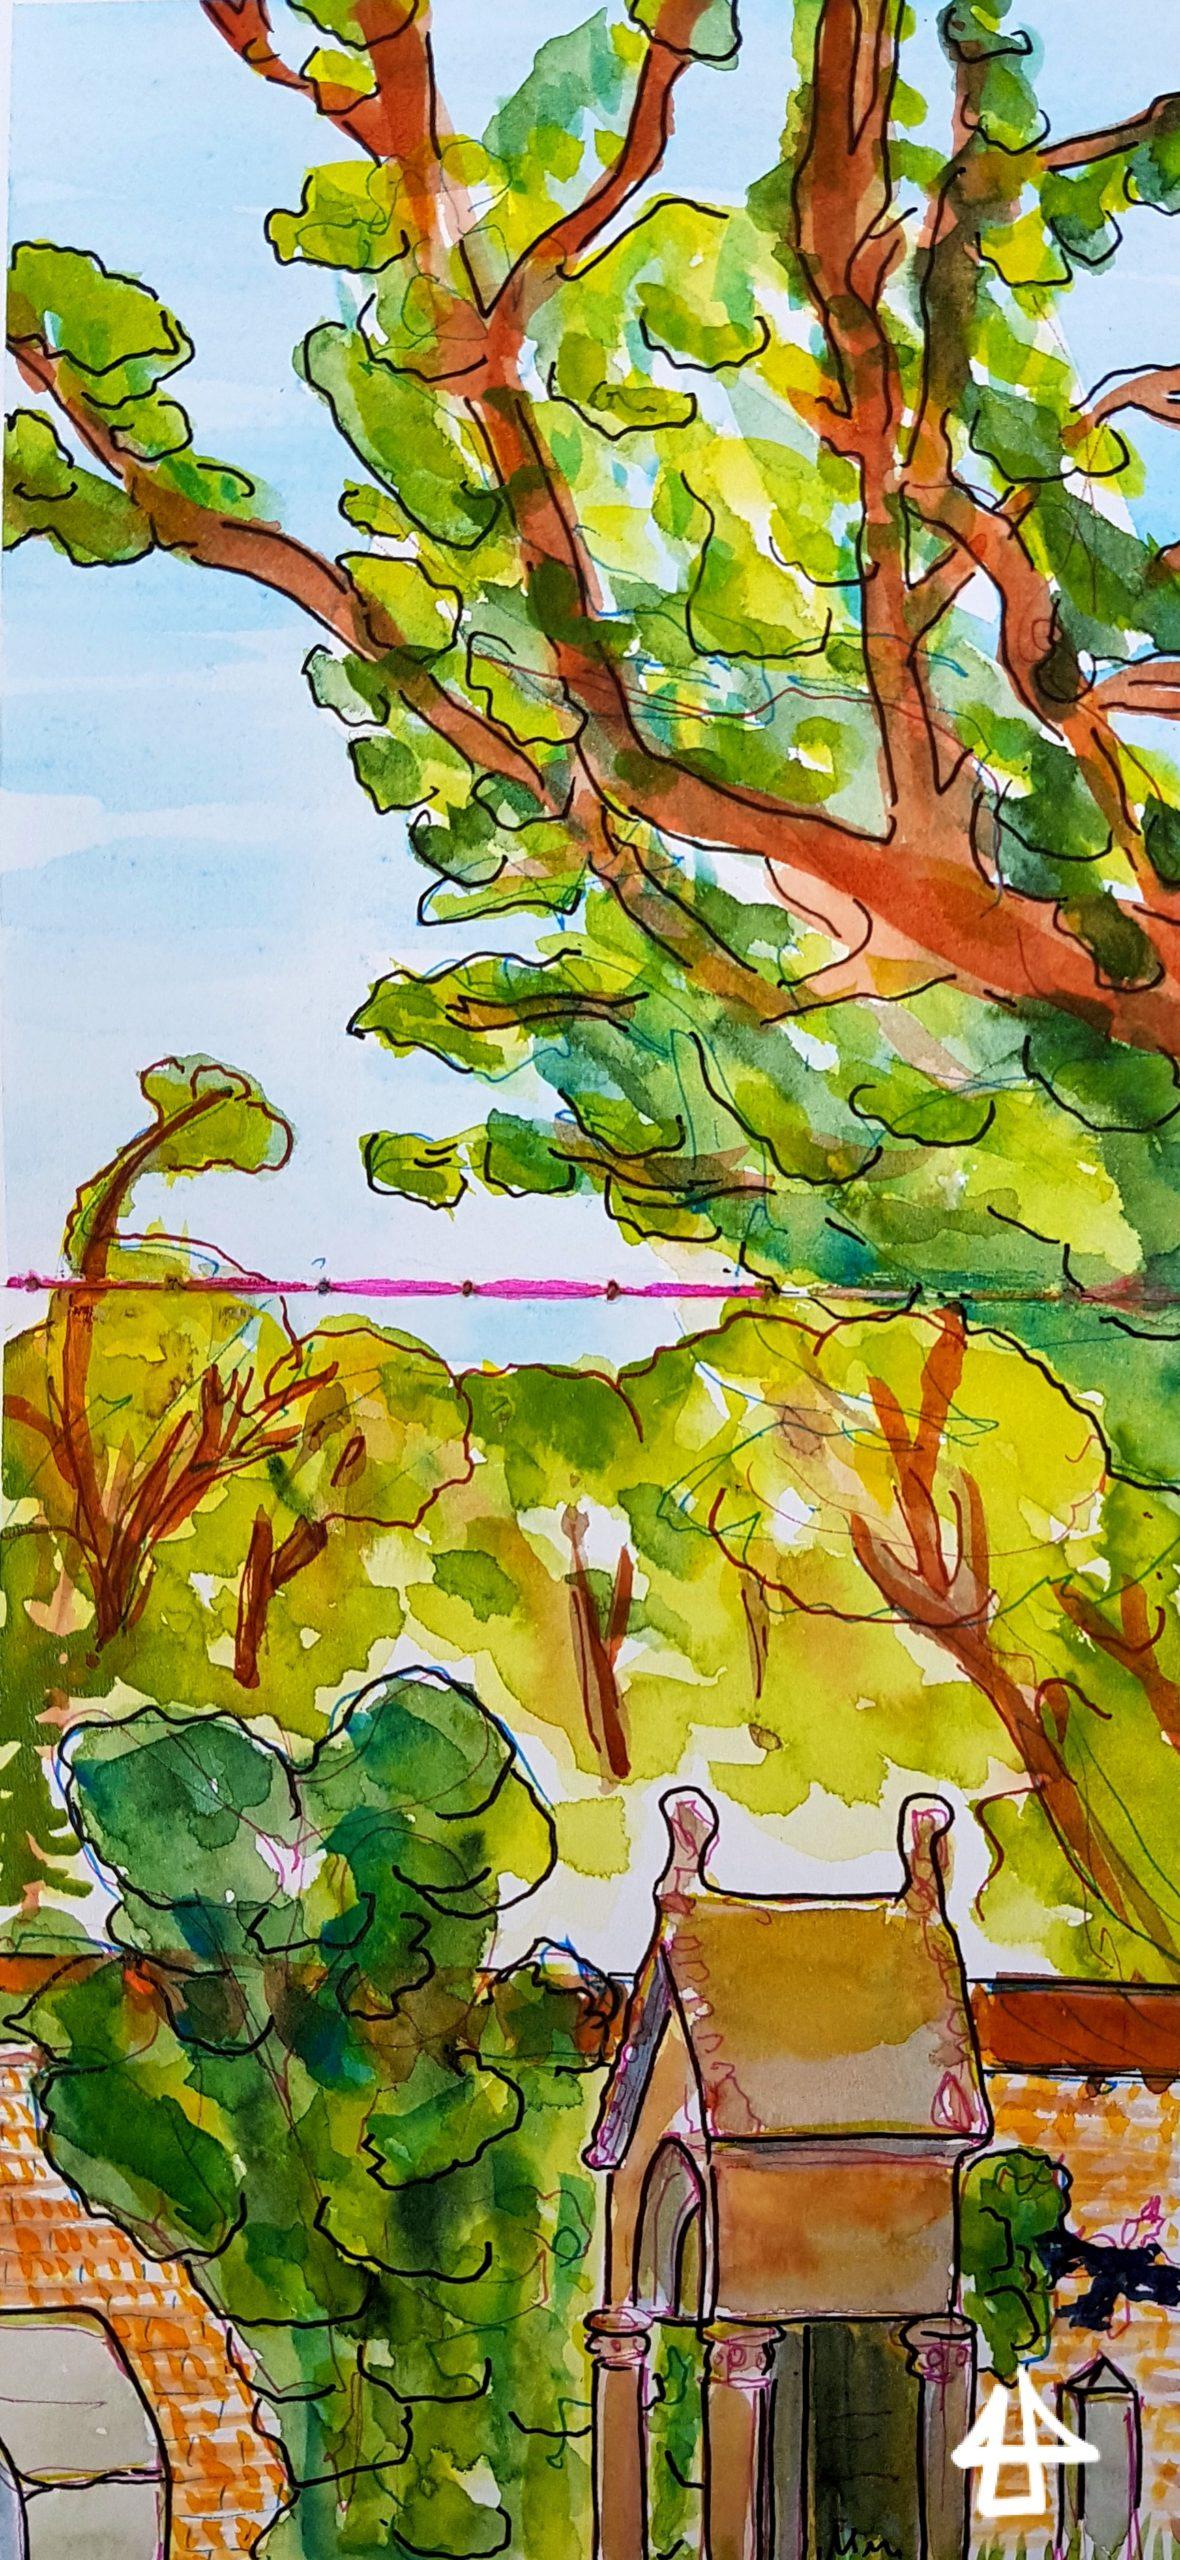 Zeichnung mit Fineliner und Aquarell: Überdachtes künstvolles Grabmal aus Sandstein, dahinter die Backsteinfriedhofsmauer und große Bäume mit sonnendurchfluteten Blättern.